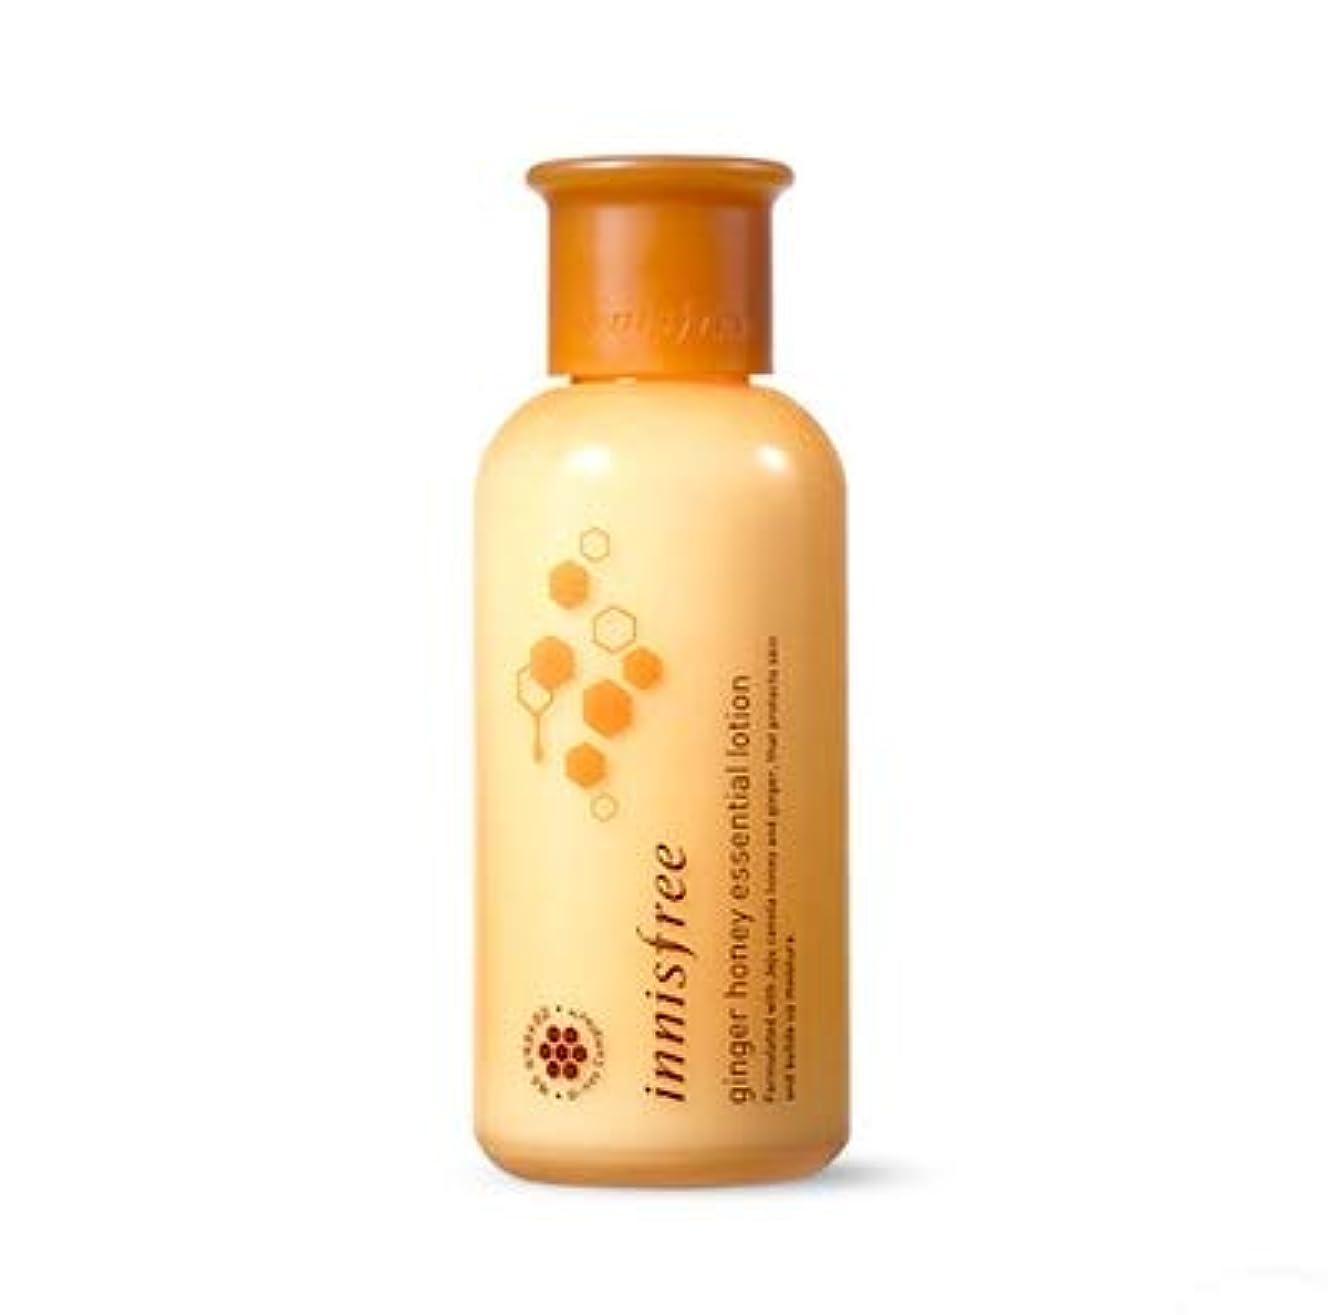 不潔枠蒸発するINNISFREE Ginger Honey Essential Lotion イニスフリー ジンジャー ハニー エッセンシャル ローション 160ml [並行輸入品]